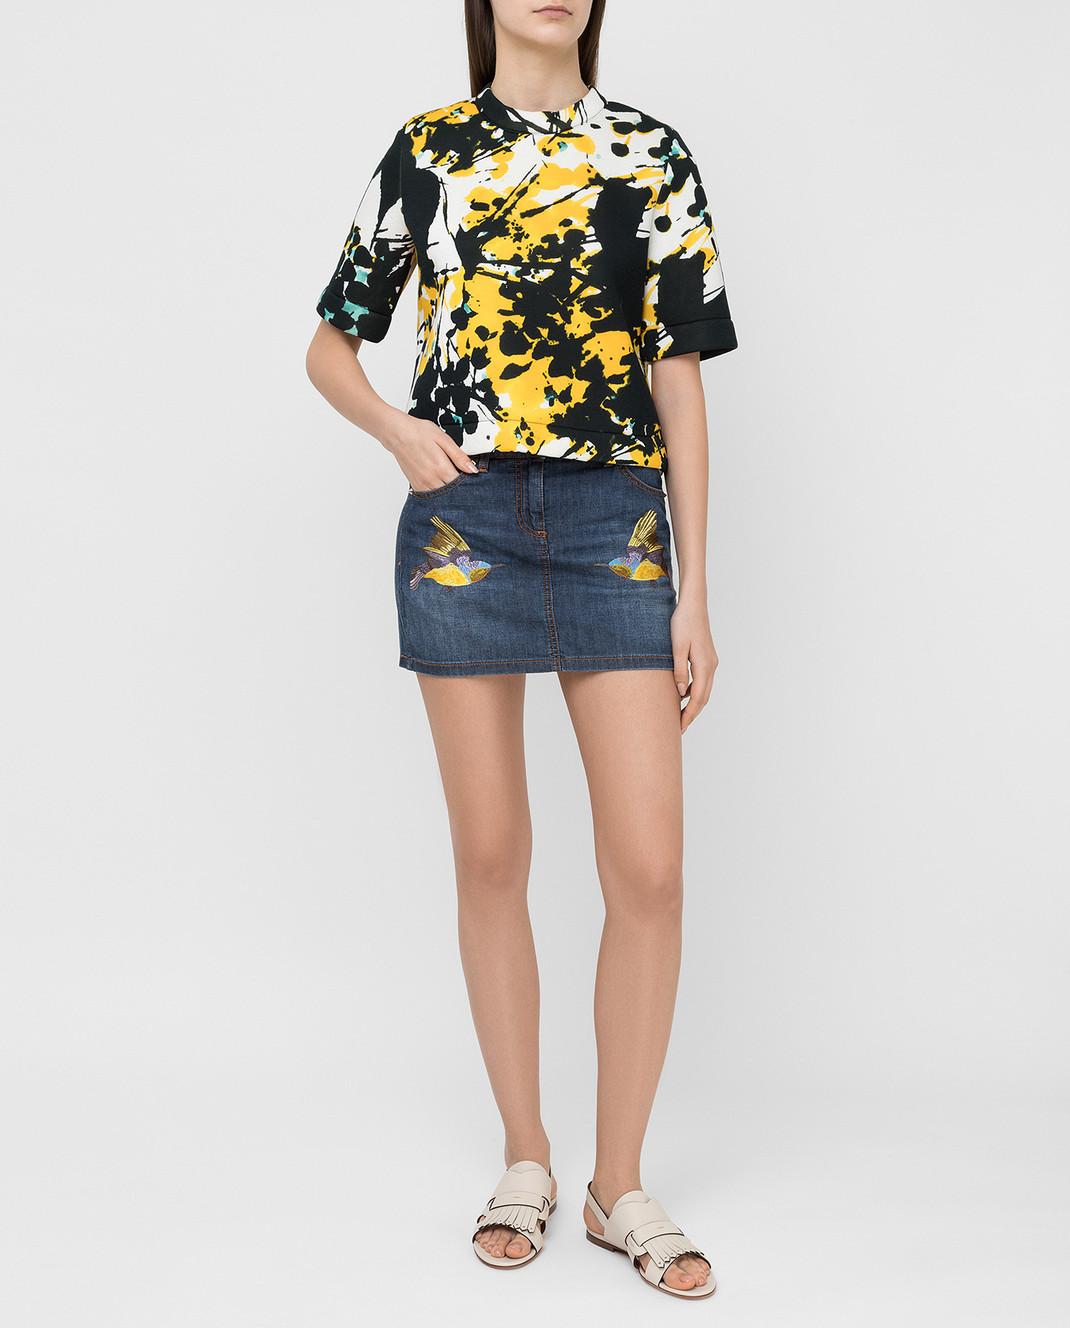 Roberto Cavalli Синяя джинсовая юбка CQJ320 изображение 2